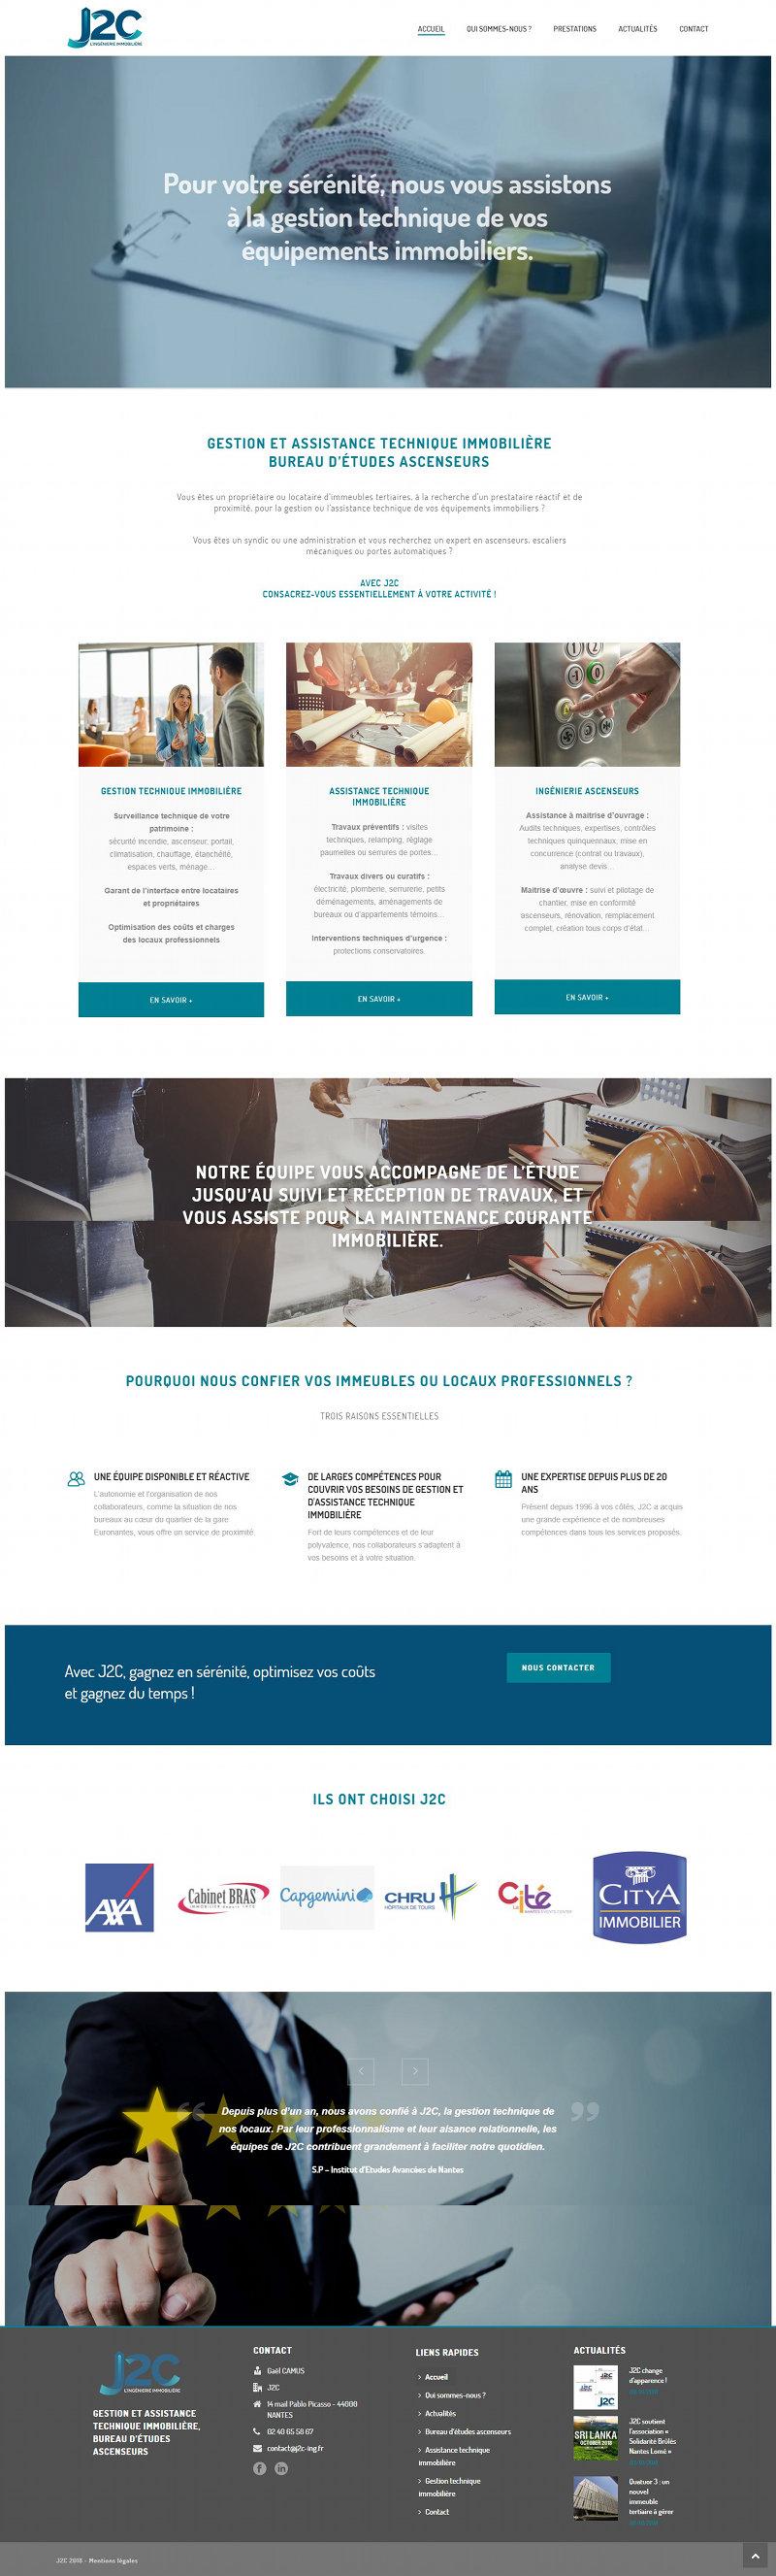 J2C ingenierie Nantes WordPress